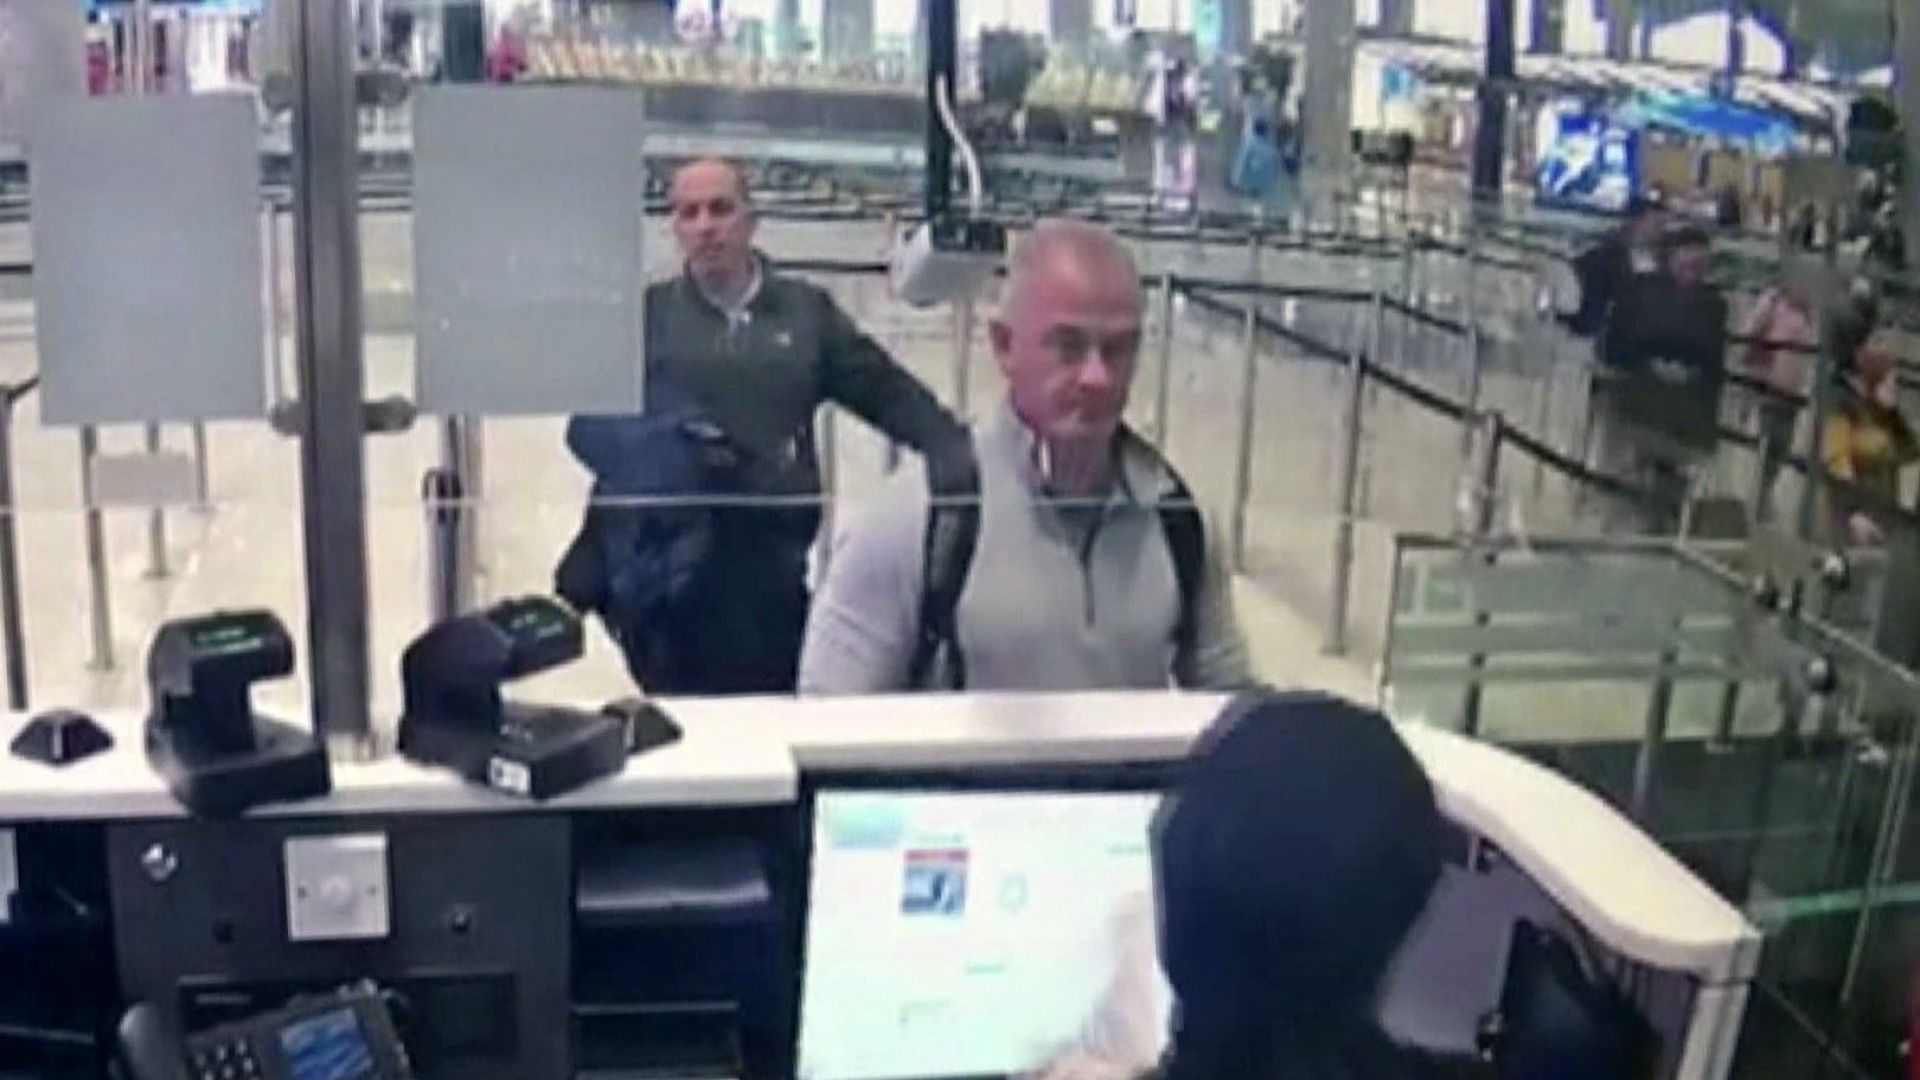 Американците Майкъл Тейлър и синът му Питър, бяха предадени от САЩ на Япония и сега са изправени пред три години затвор по обвинение за помагачество прибягството на Карлос Гон